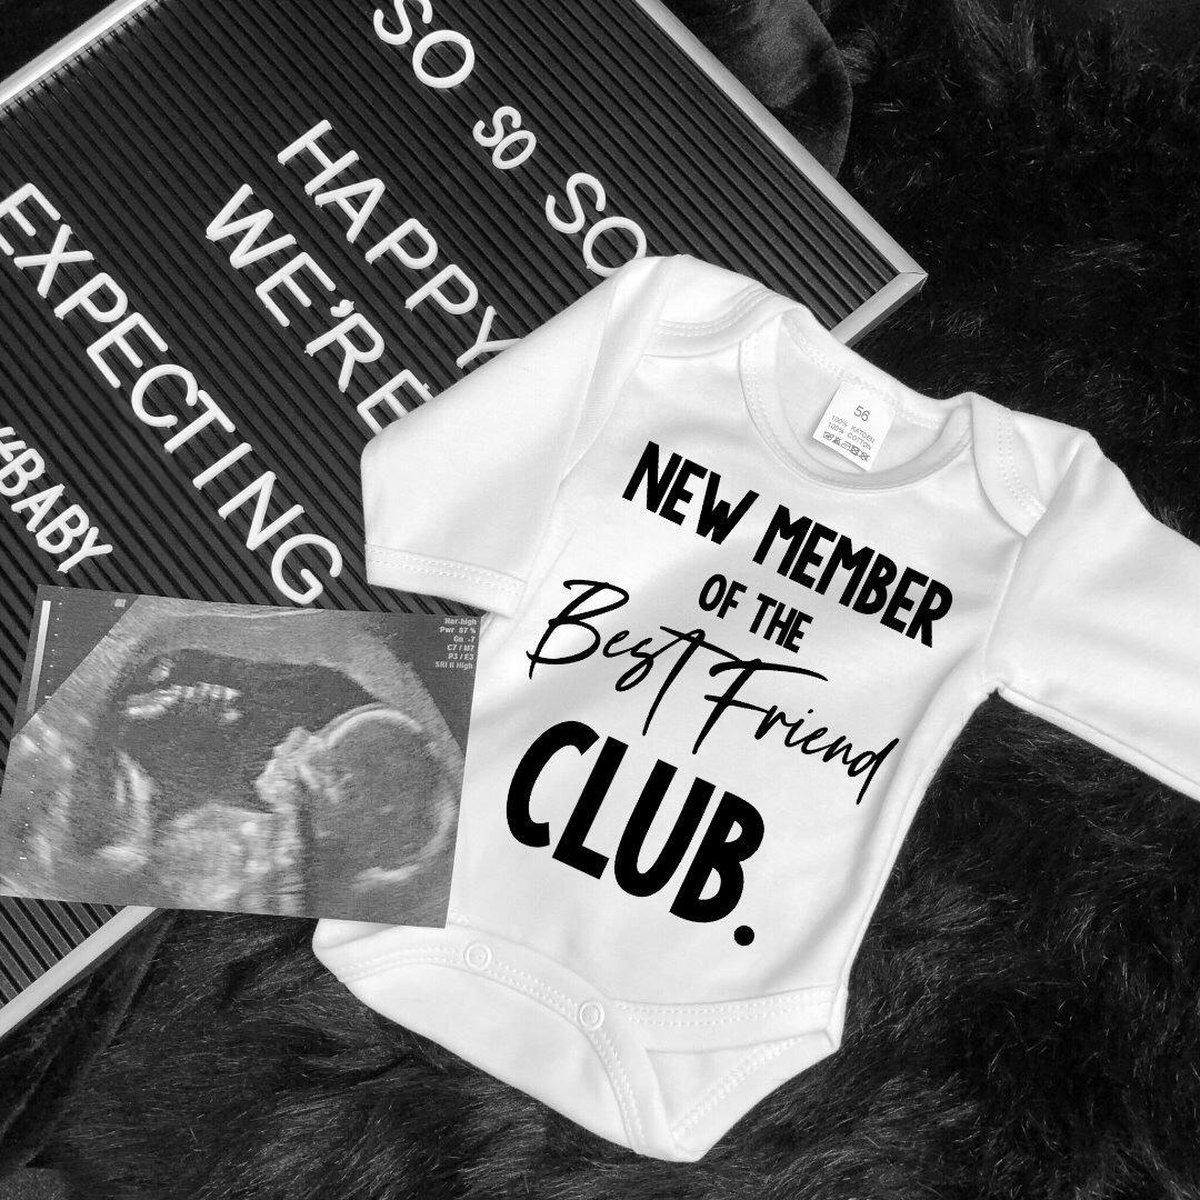 Zwangerschaps aankondiging rompertje new member best friend club   Jullie baby geluk bekendmaken aan jullie beste vrienden met deze geweldige romper   Cadeau voor je beste vriend vriendin.